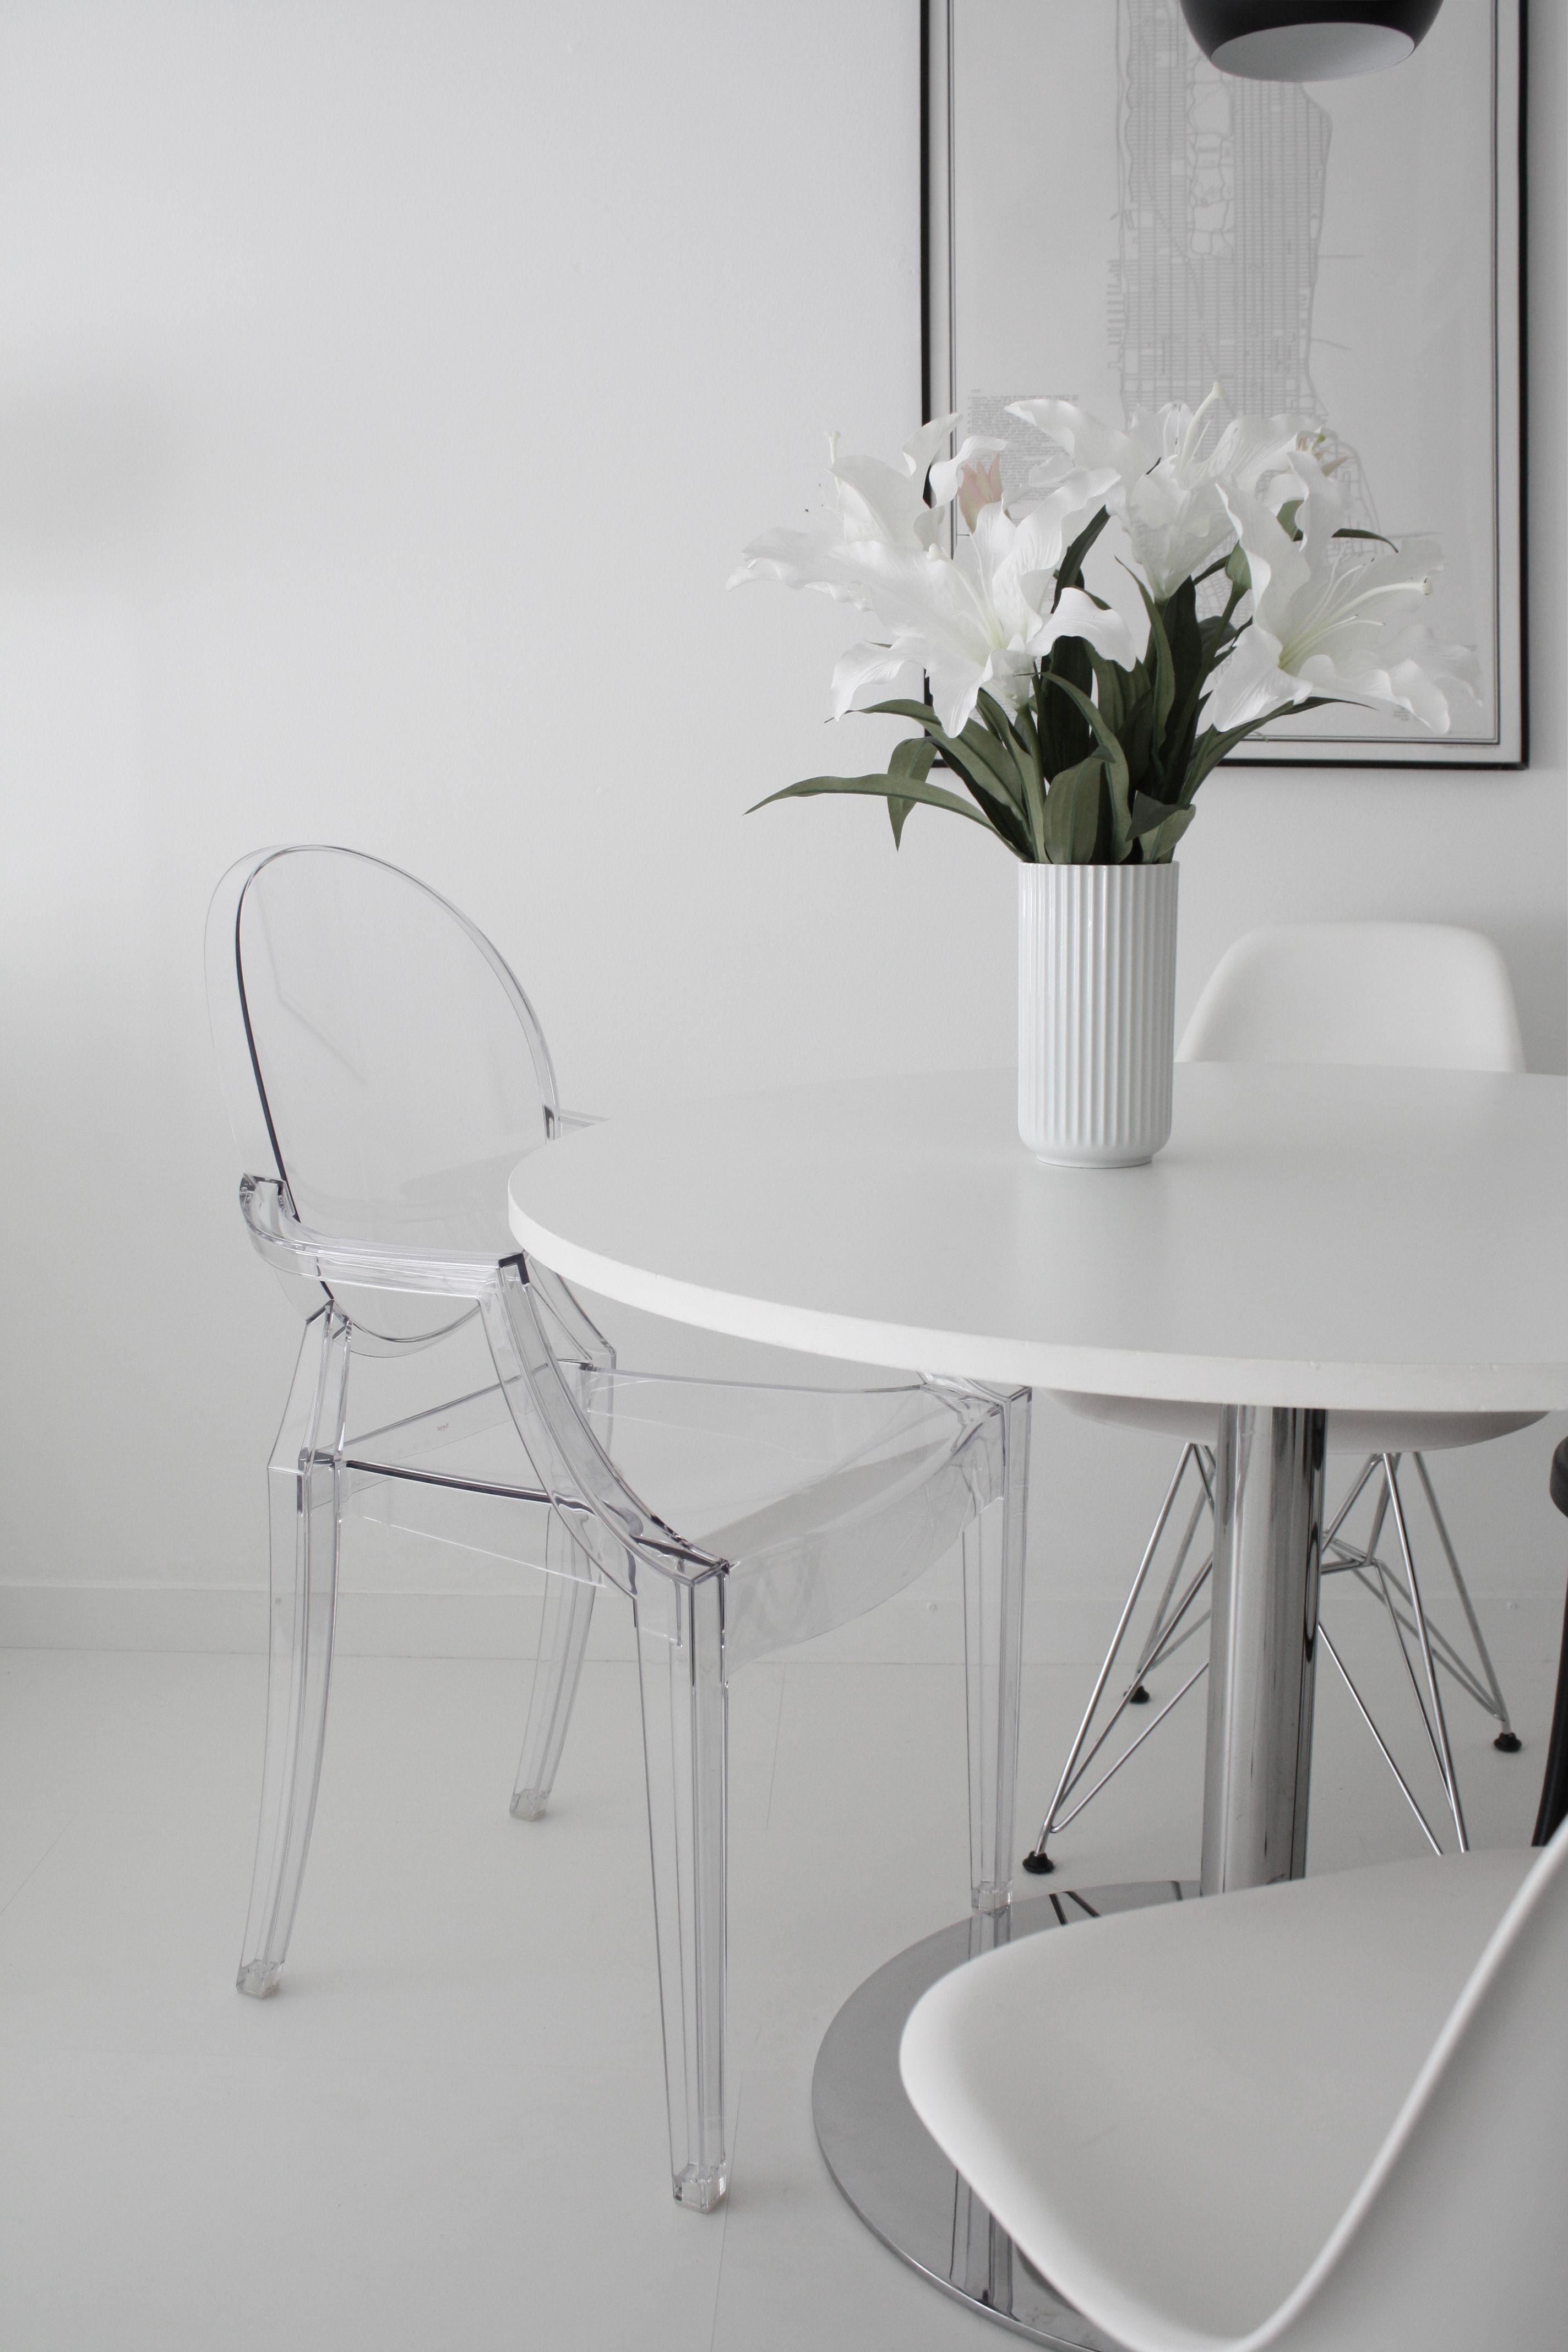 Kartell Eetkamer Stoel.Kartell Louis Ghost Eetkamerstoel In 2019 Dining Room Chair